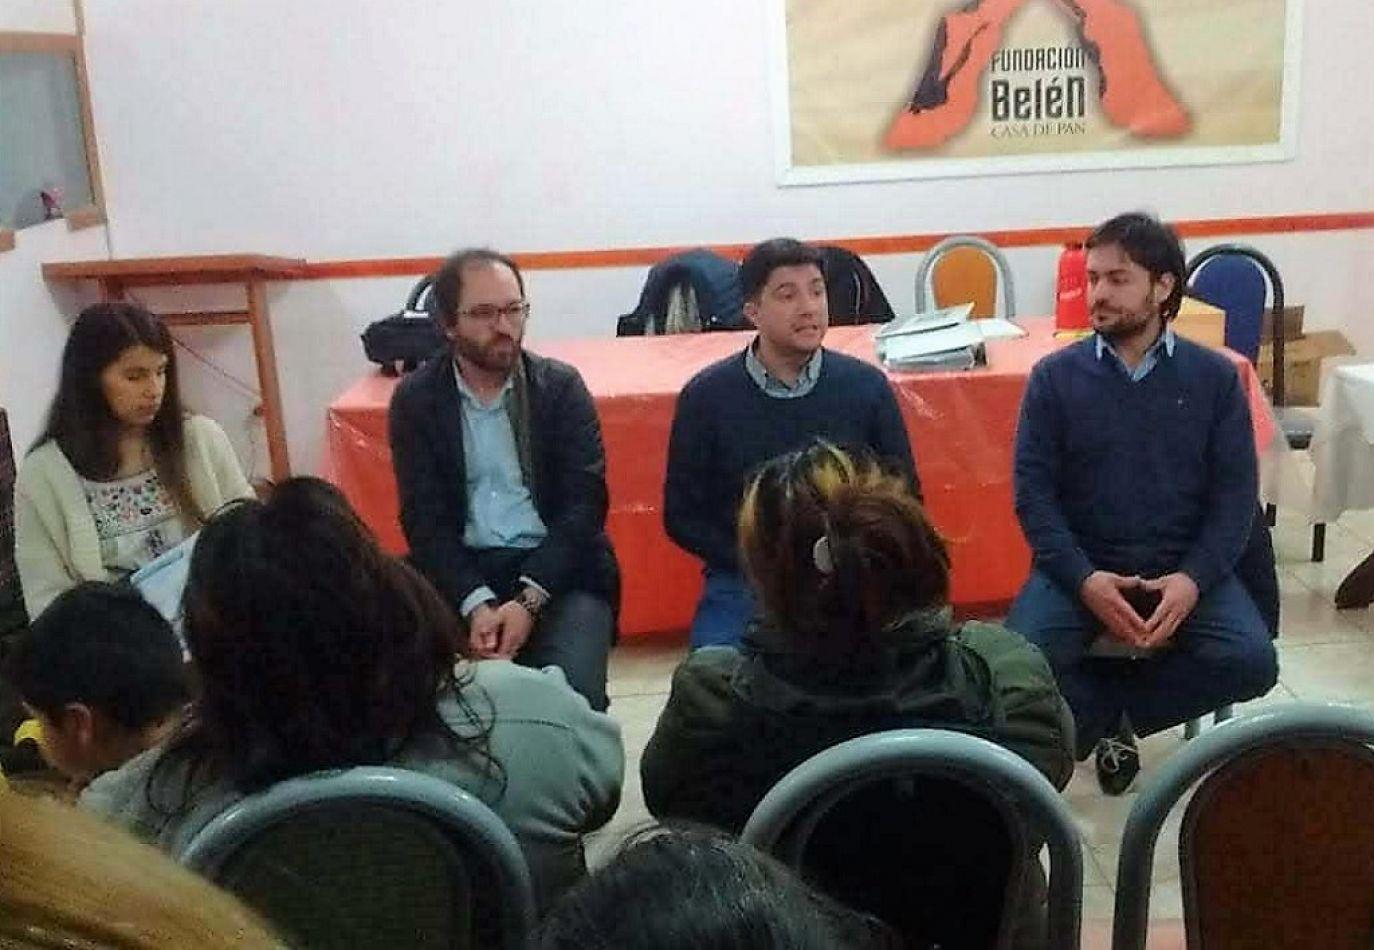 Del encuentro participaron Sebastián Enchieme, Diego Barrientos, Macarena Bianchi y Fermín Randon